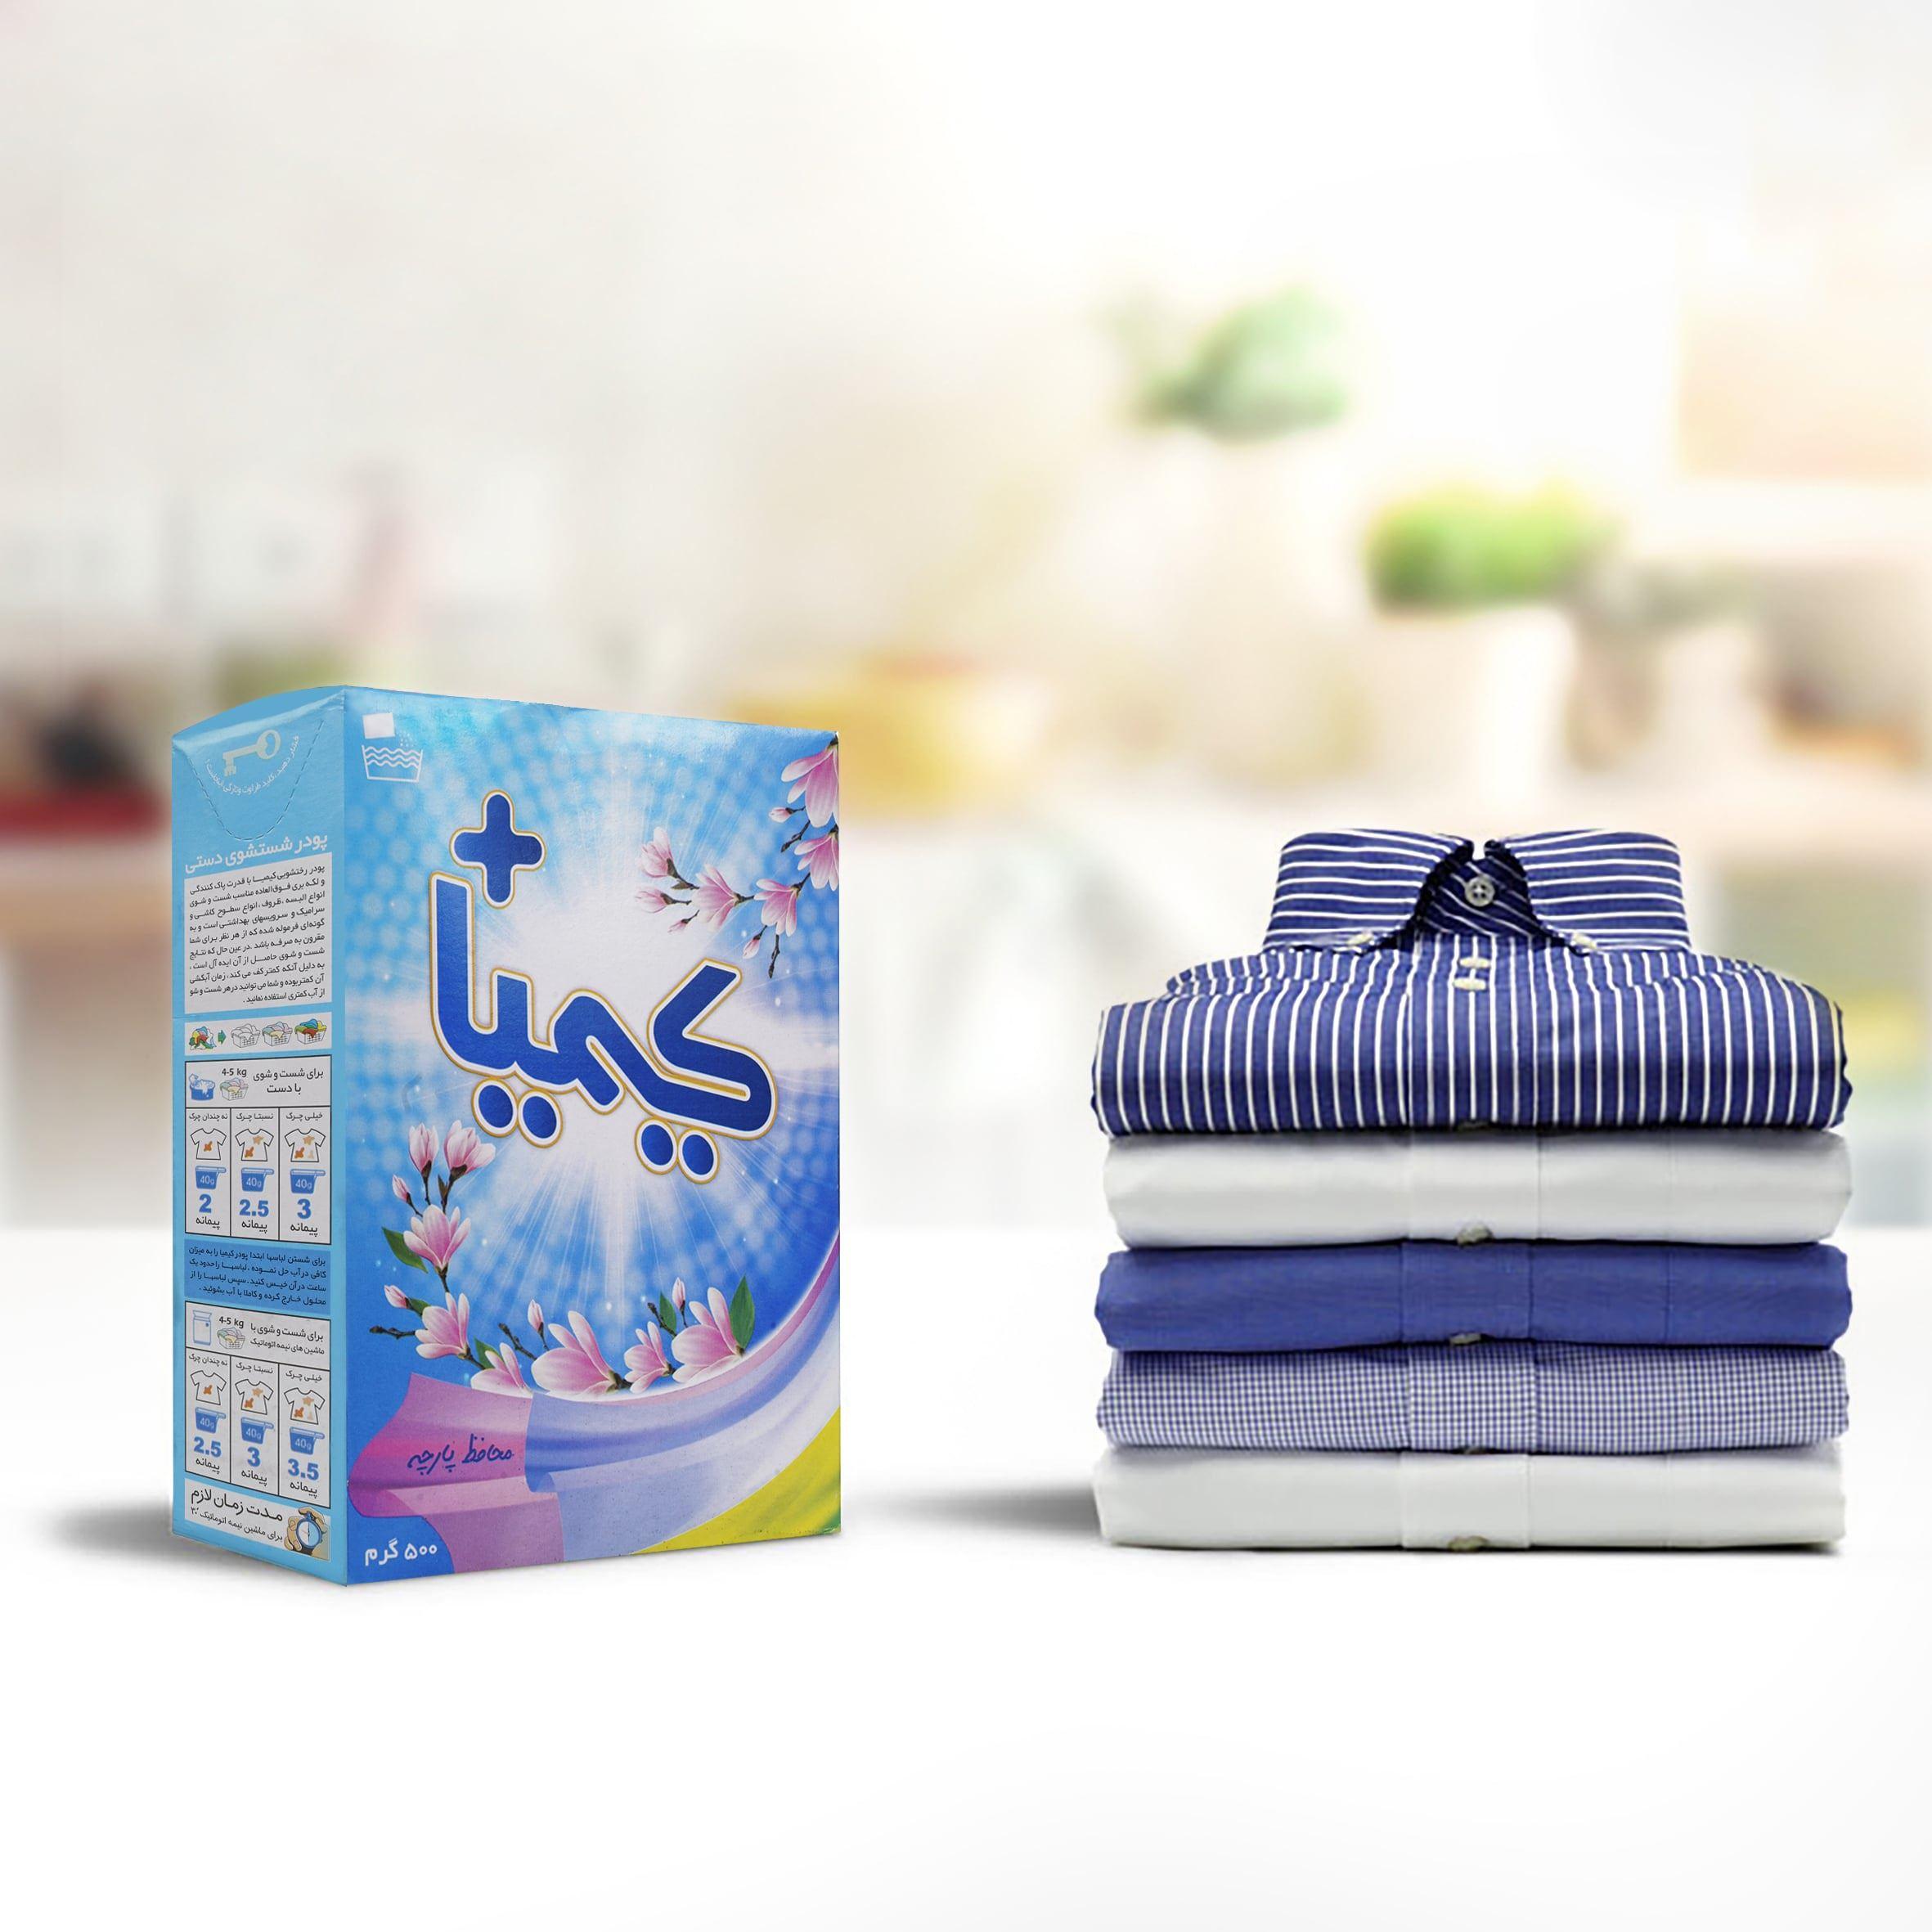 آیا می توان از پودر دستی برای ماشین لباسشویی استفاده نمود؟